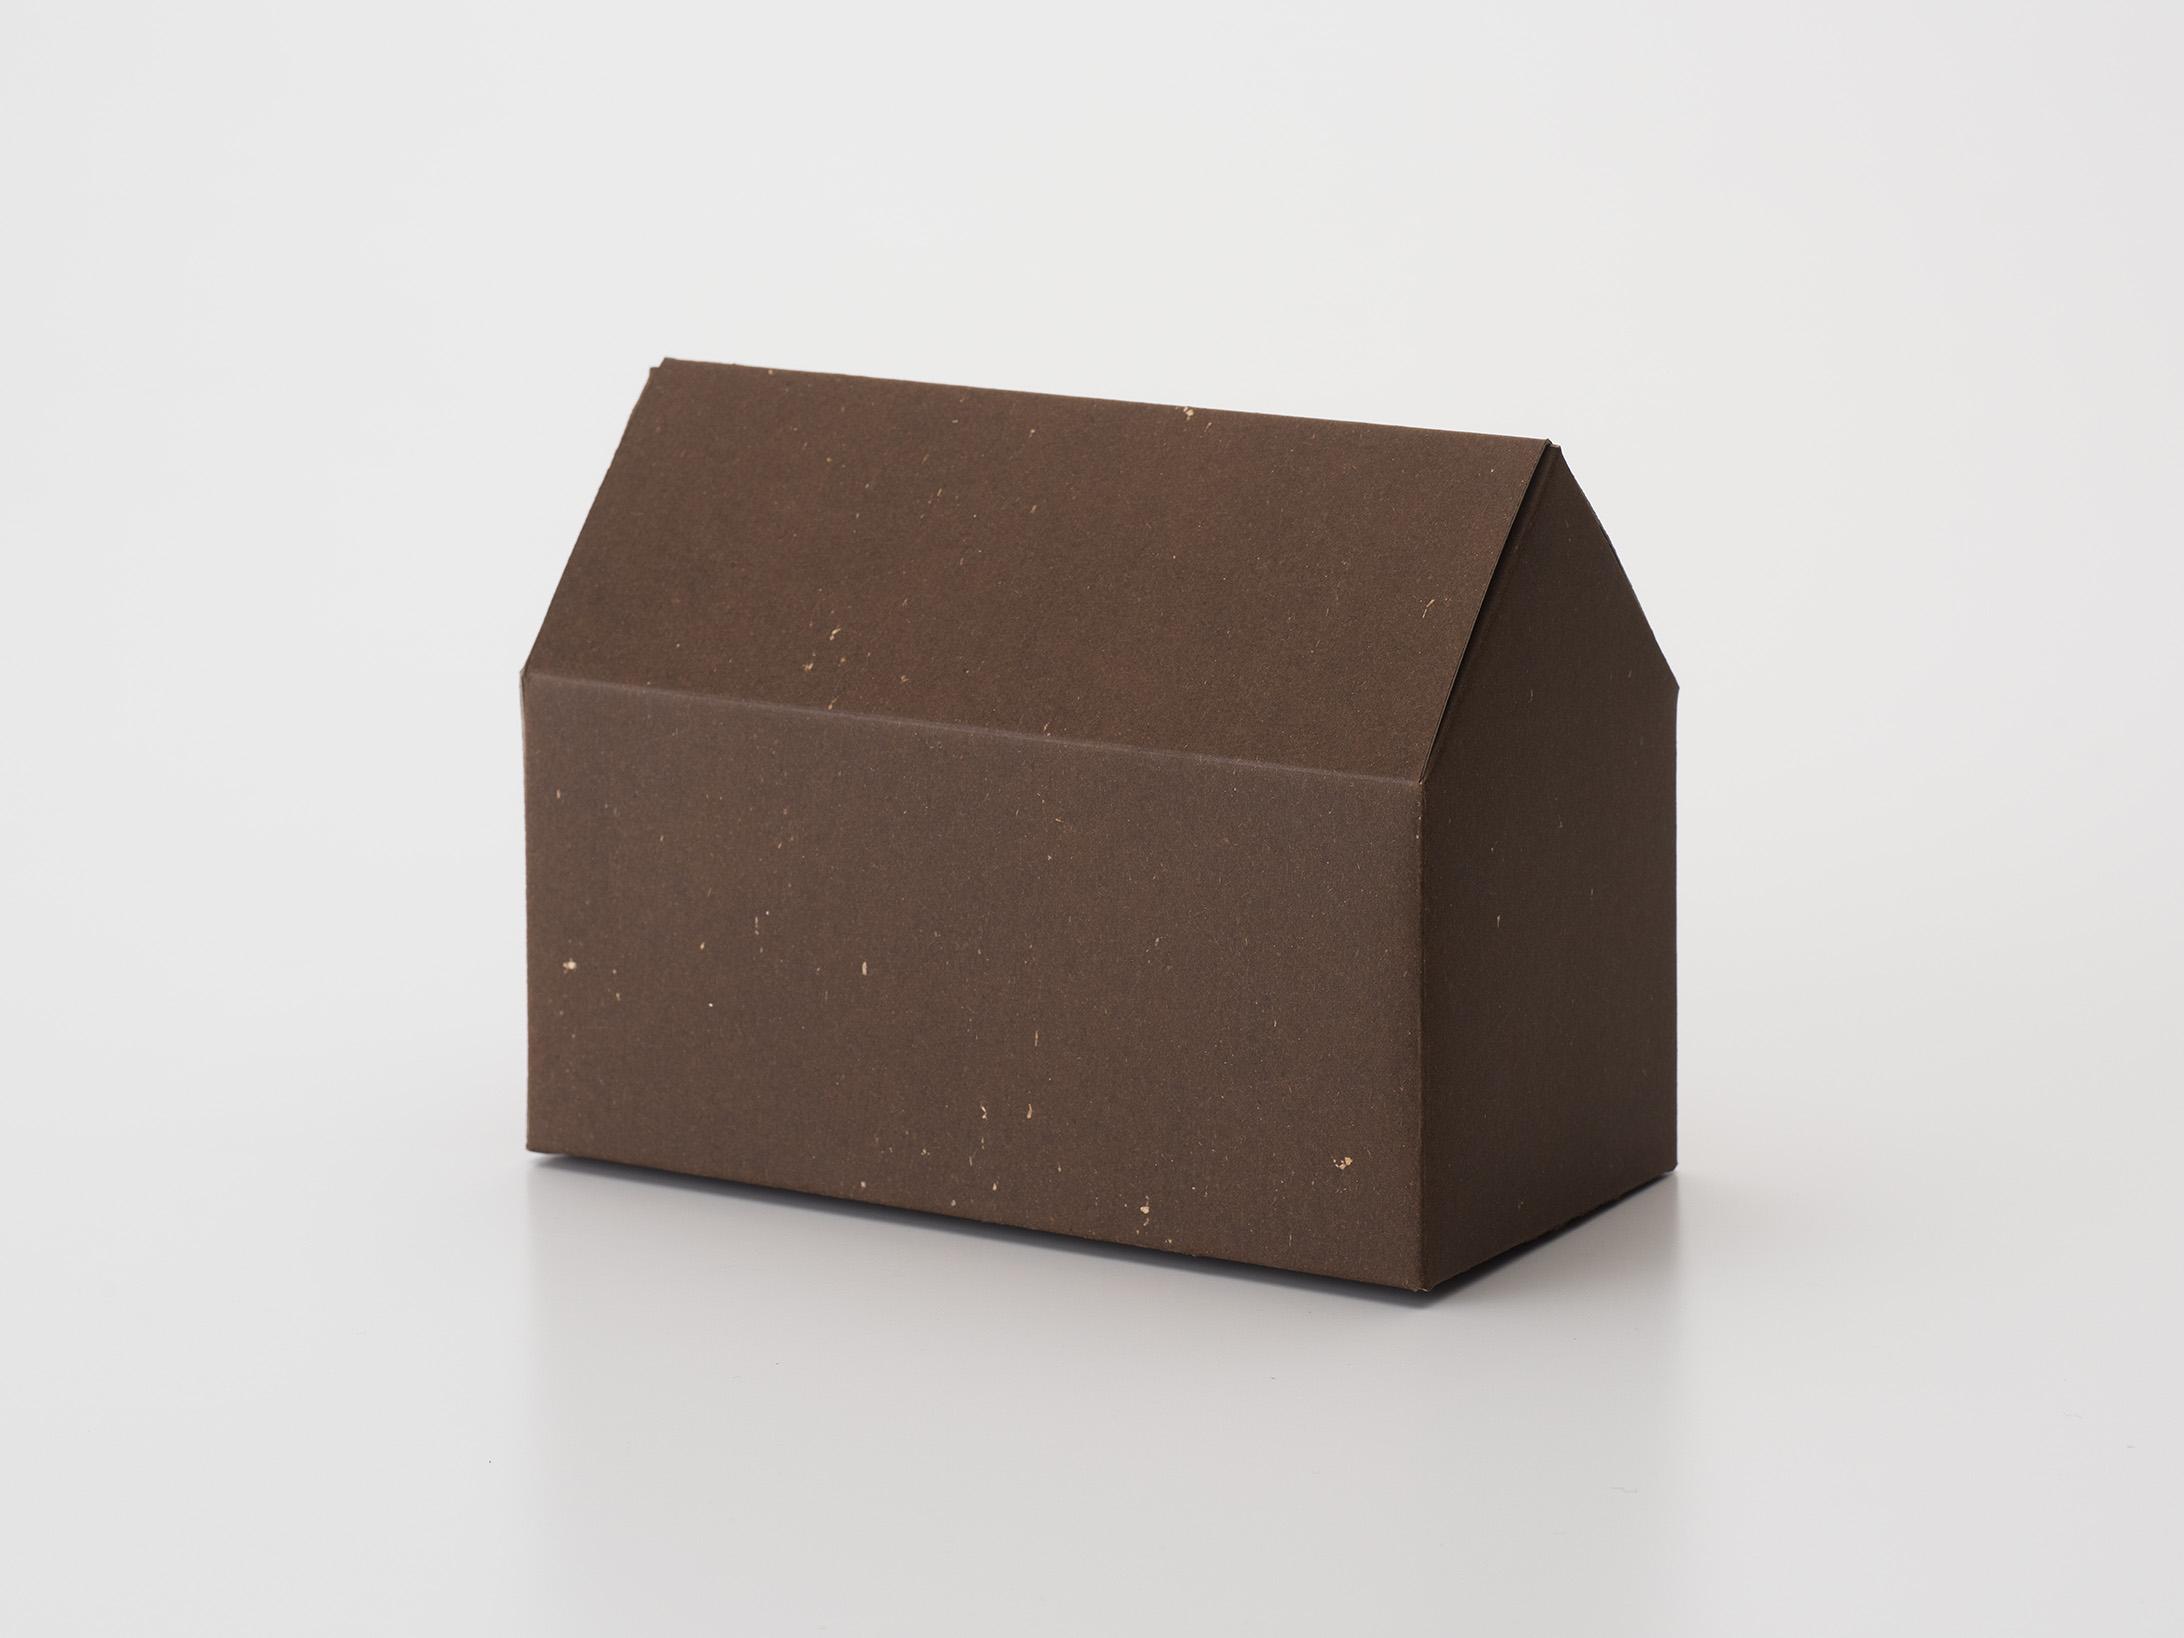 ハウス型の箱